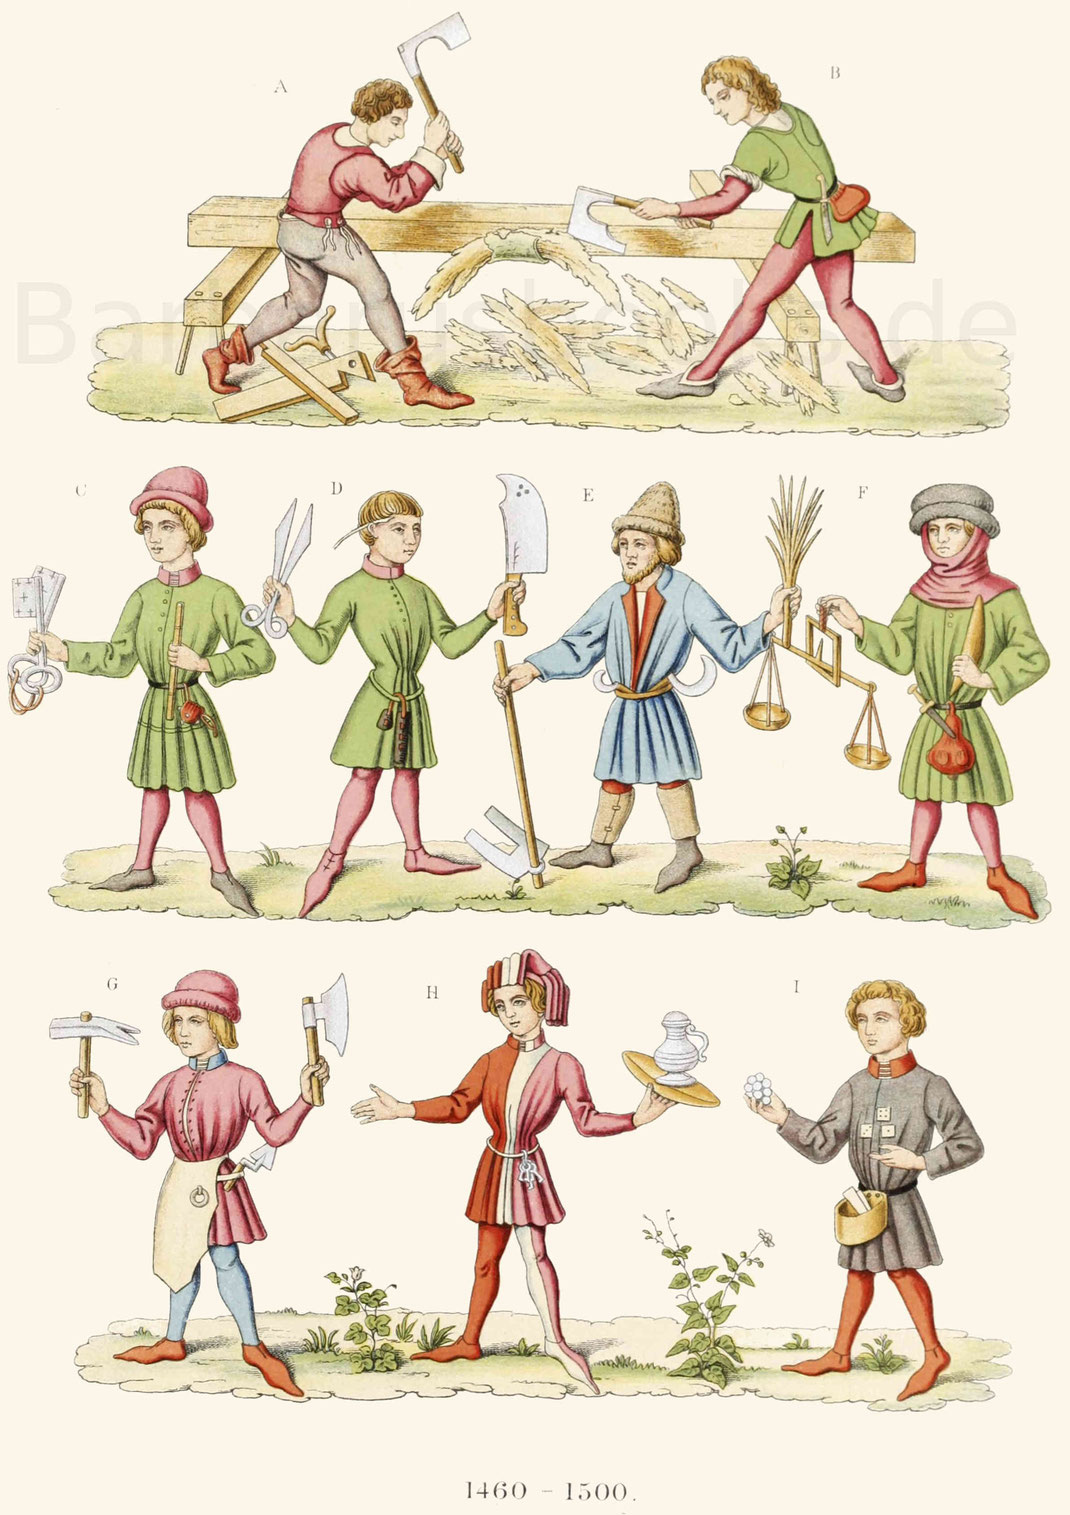 Gewerbetreibende Männer des 15. Jahrhunderts in ihren Trachten.